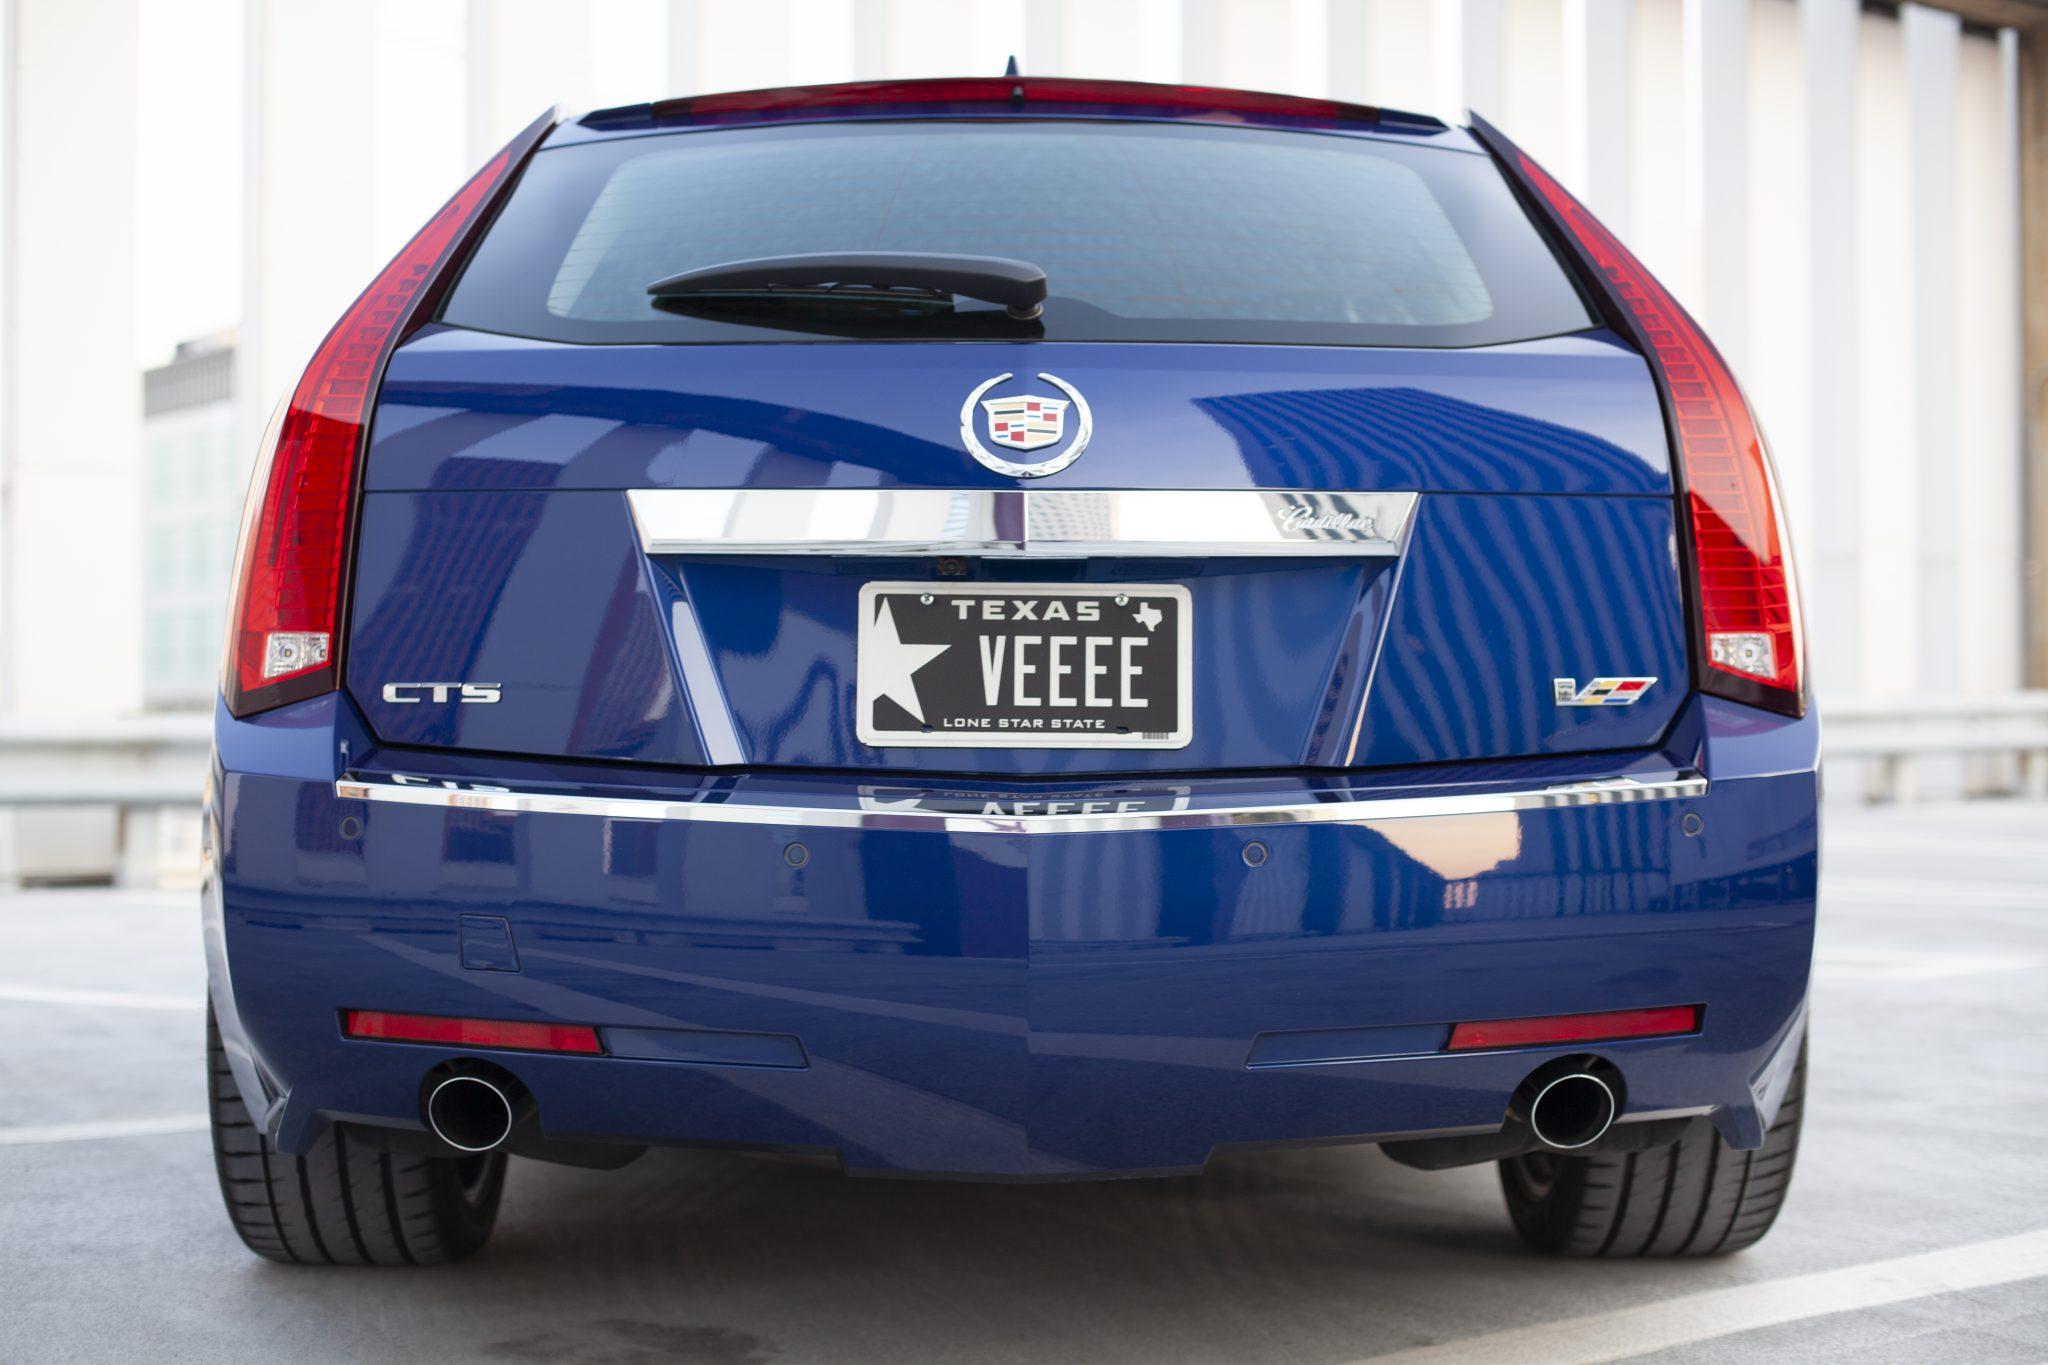 2012 Cadillac CTS-V Wagon rear